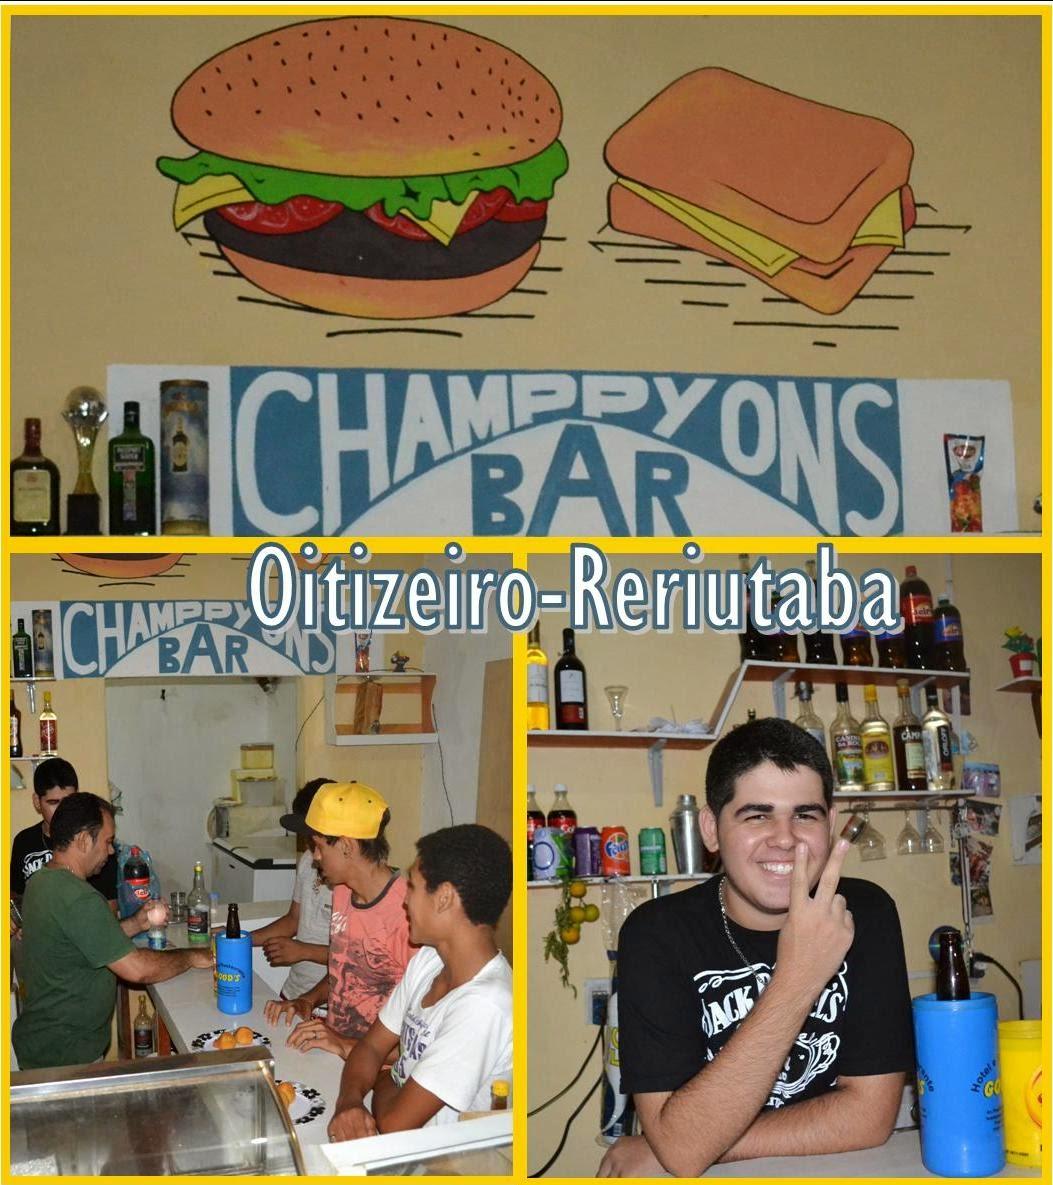 Champpyons Bar em Oitizeiro